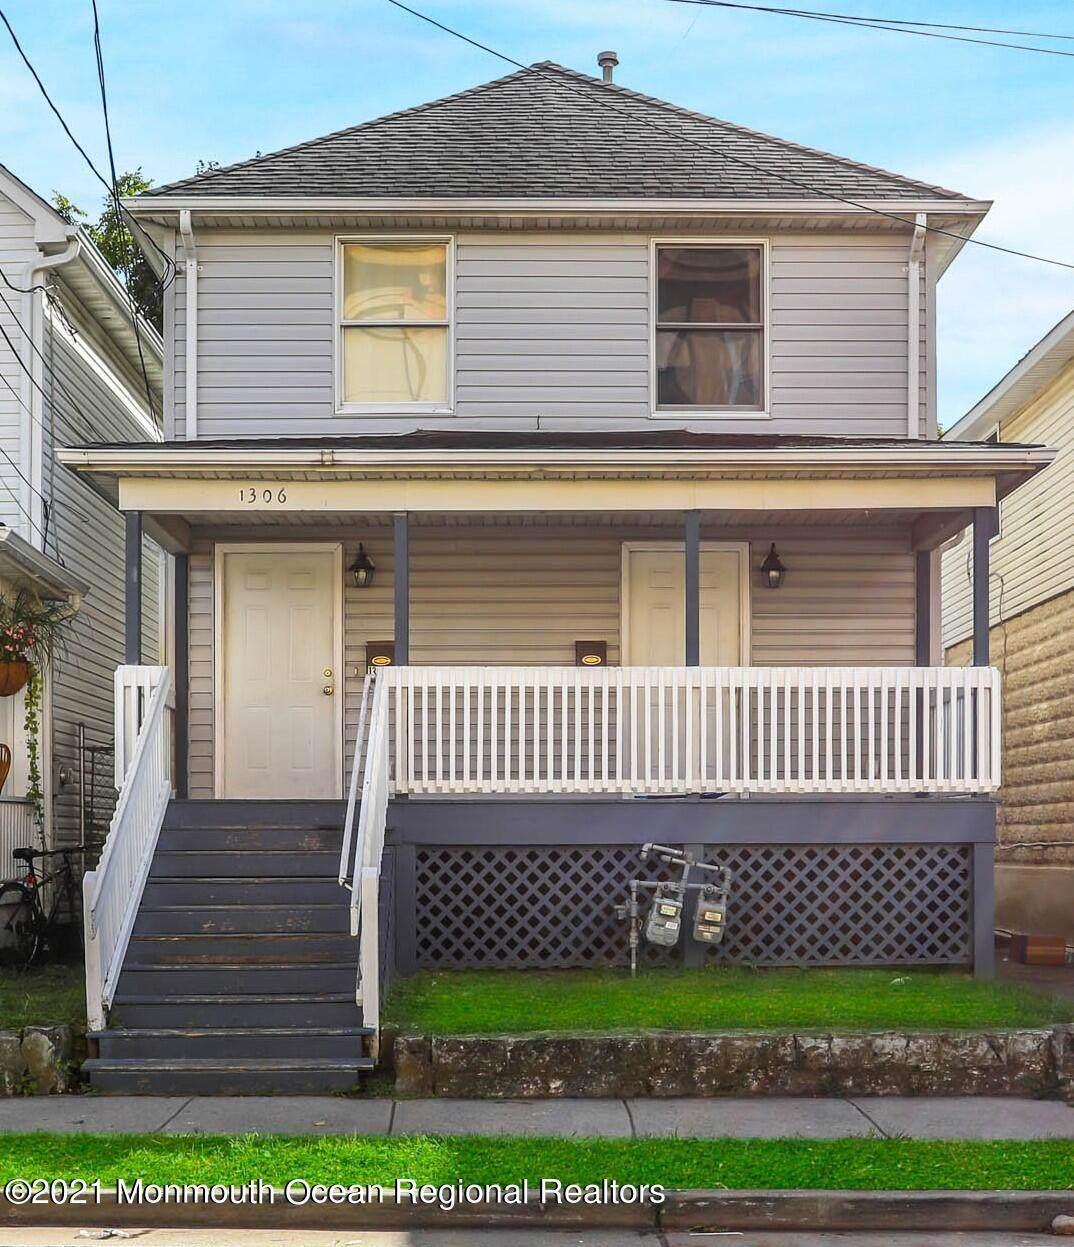 1306 Mattison Avenue - Photo 1